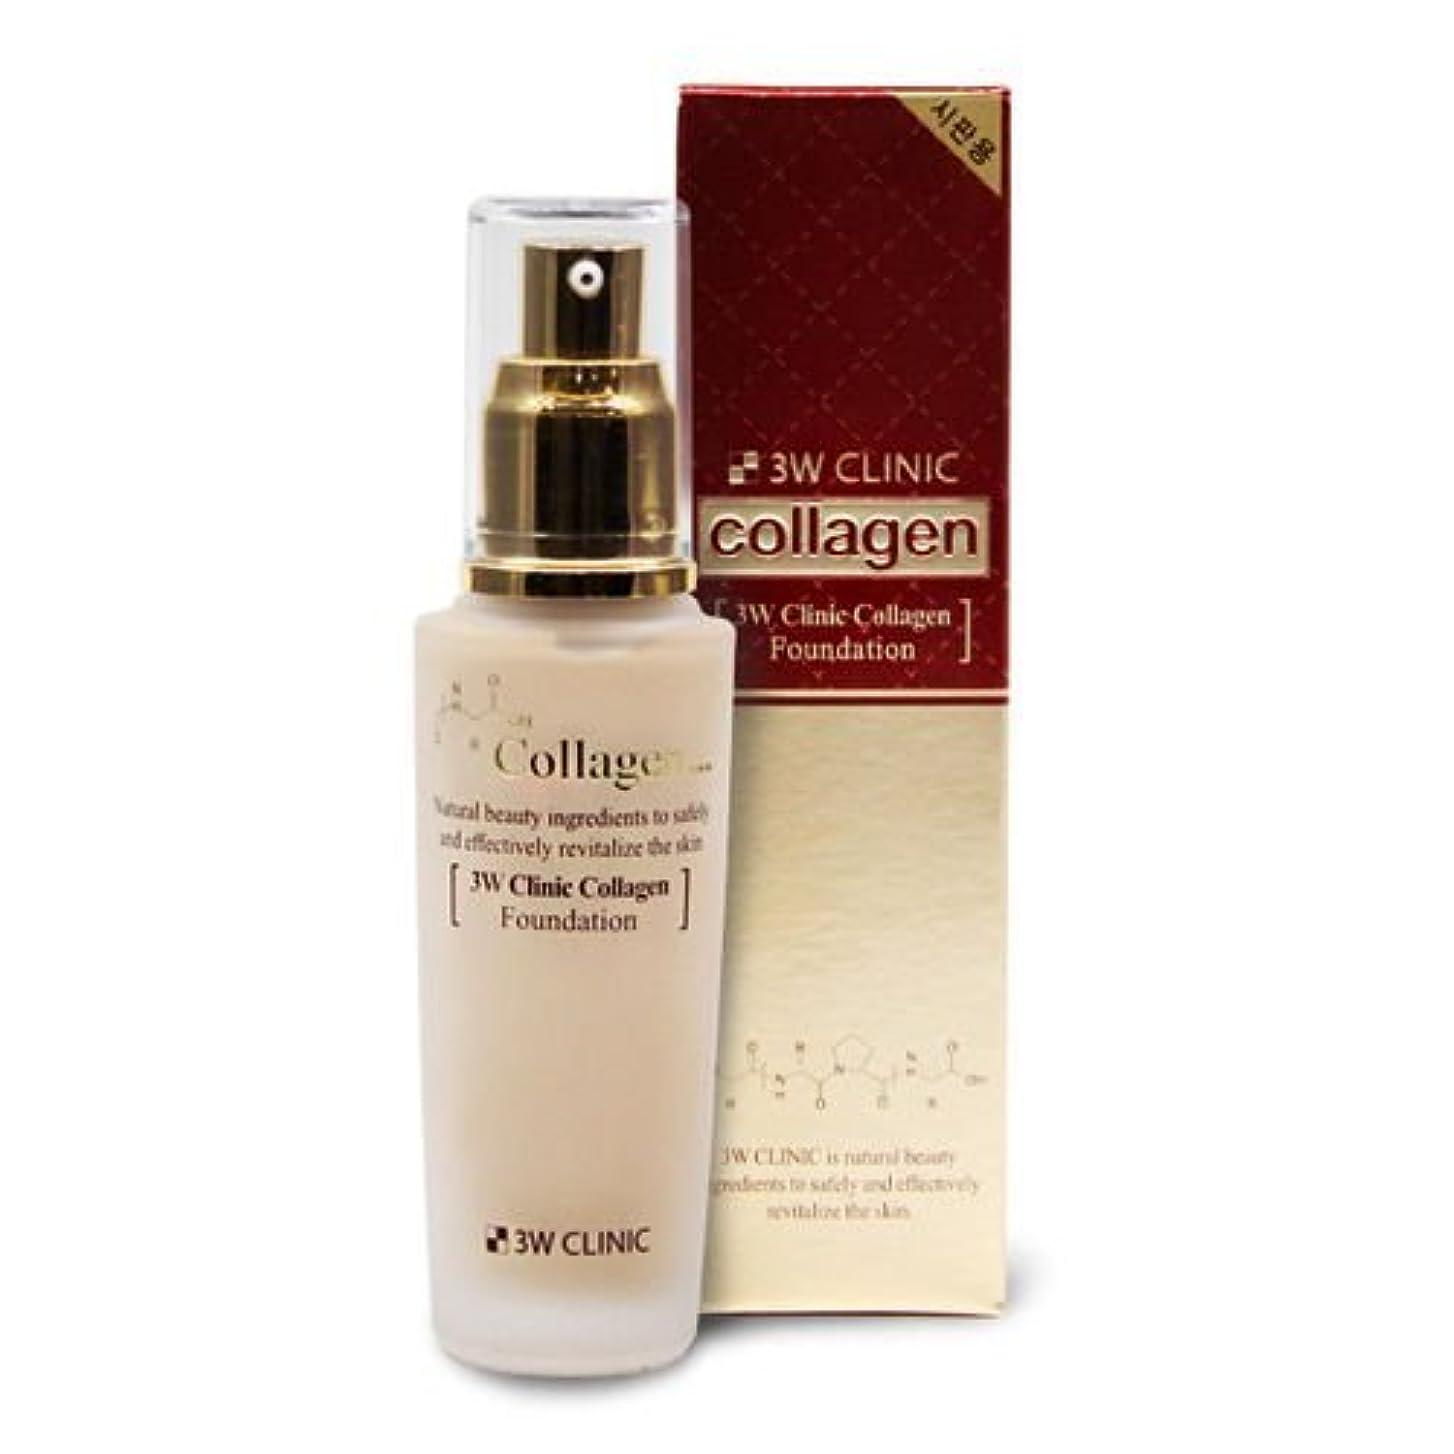 ぜいたくヘクタール暫定3Wクリニック[韓国コスメ3w Clinic]Collagen Foundation Perfect Cover Make-Up Base コラーゲンファンデーションパーフェクトカバーメイクアップベース50ml[並行輸入品...